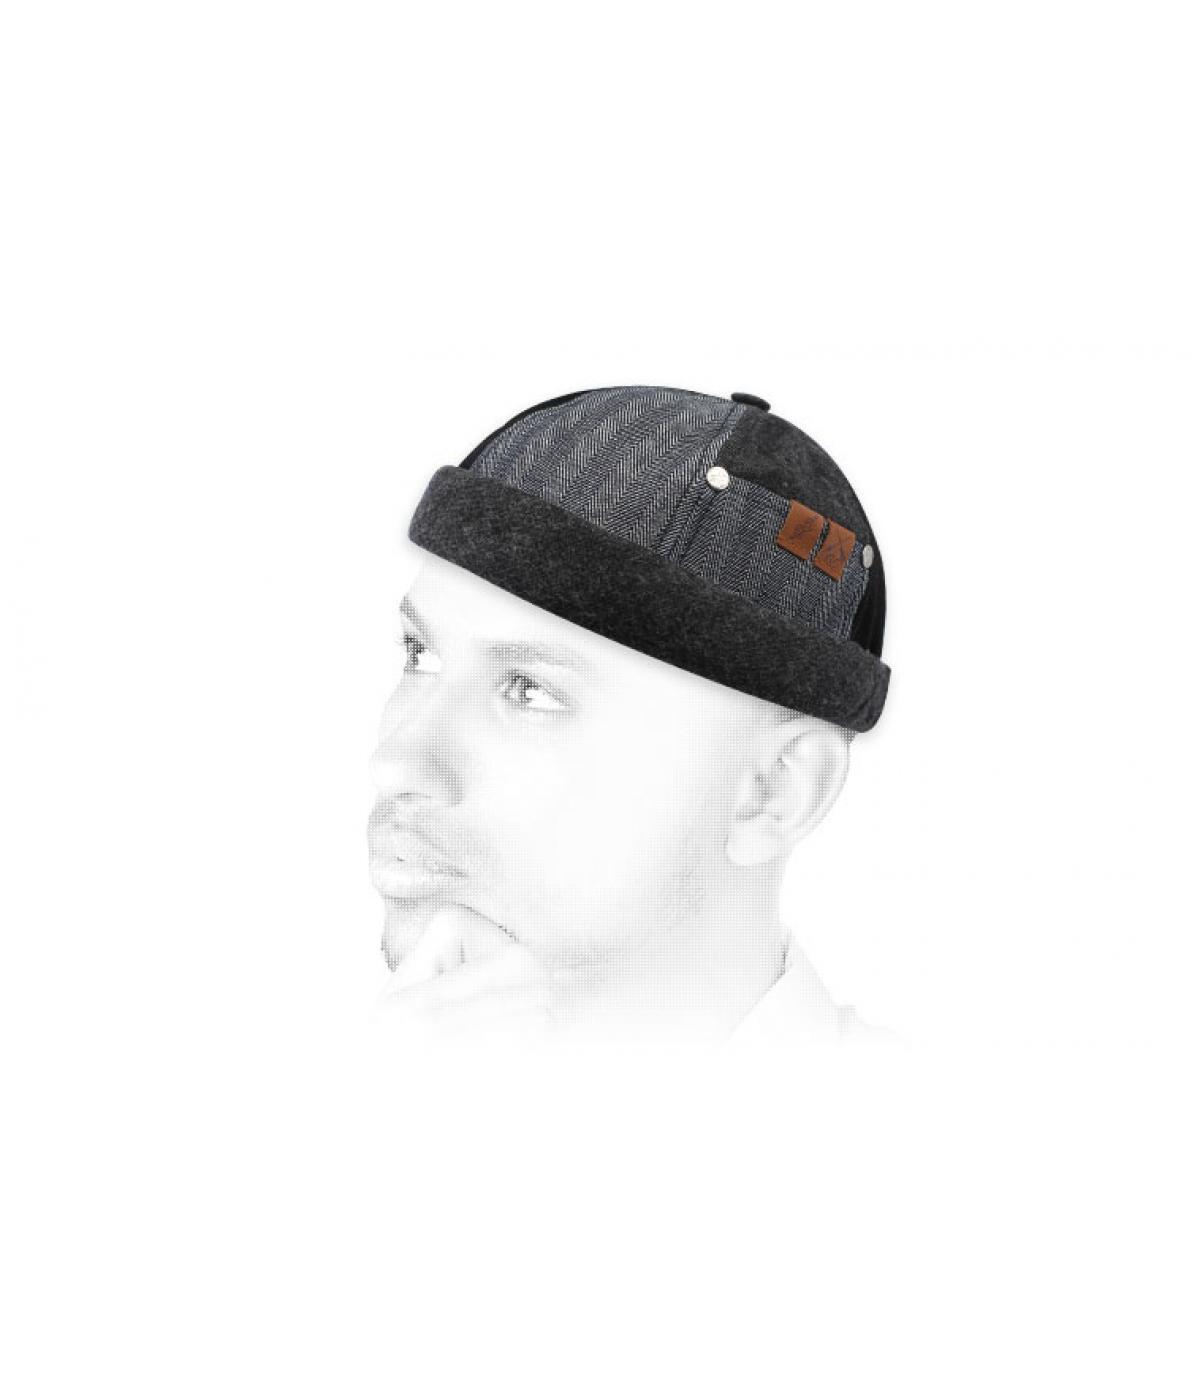 Miki grijs zwart flanel